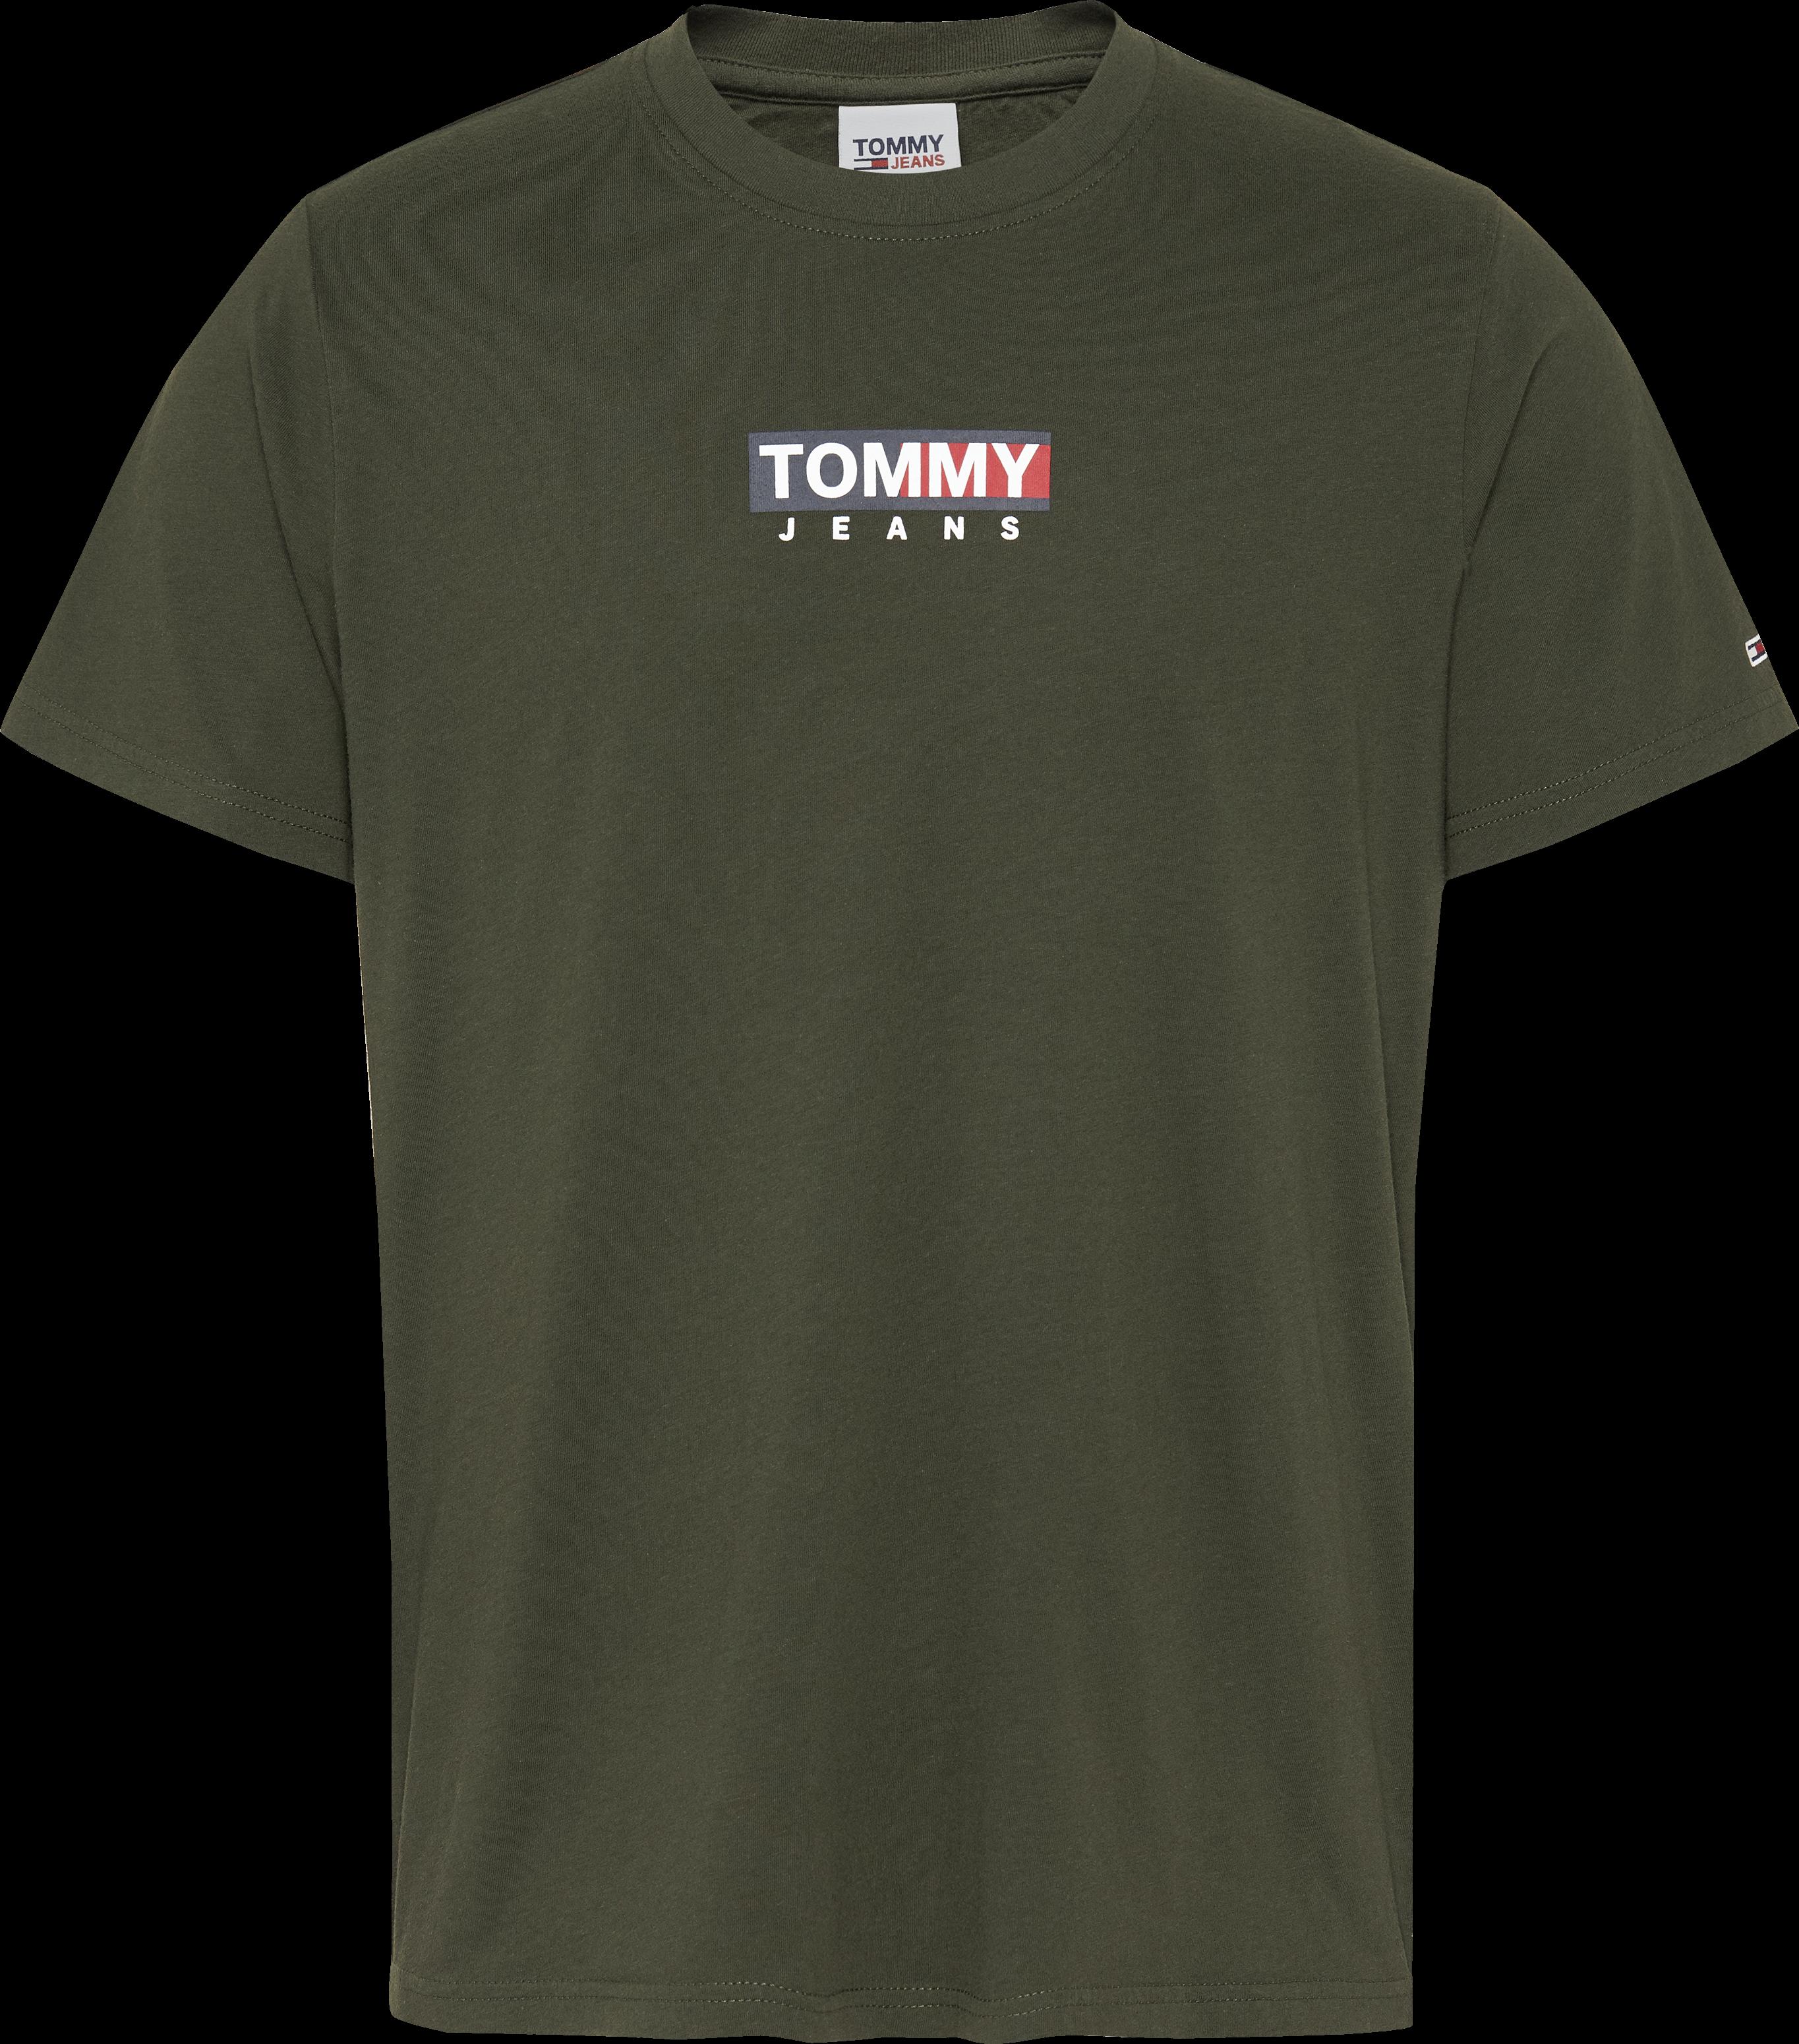 Hilfiger Denim Logo Print T-shirt, Dark Olive, L